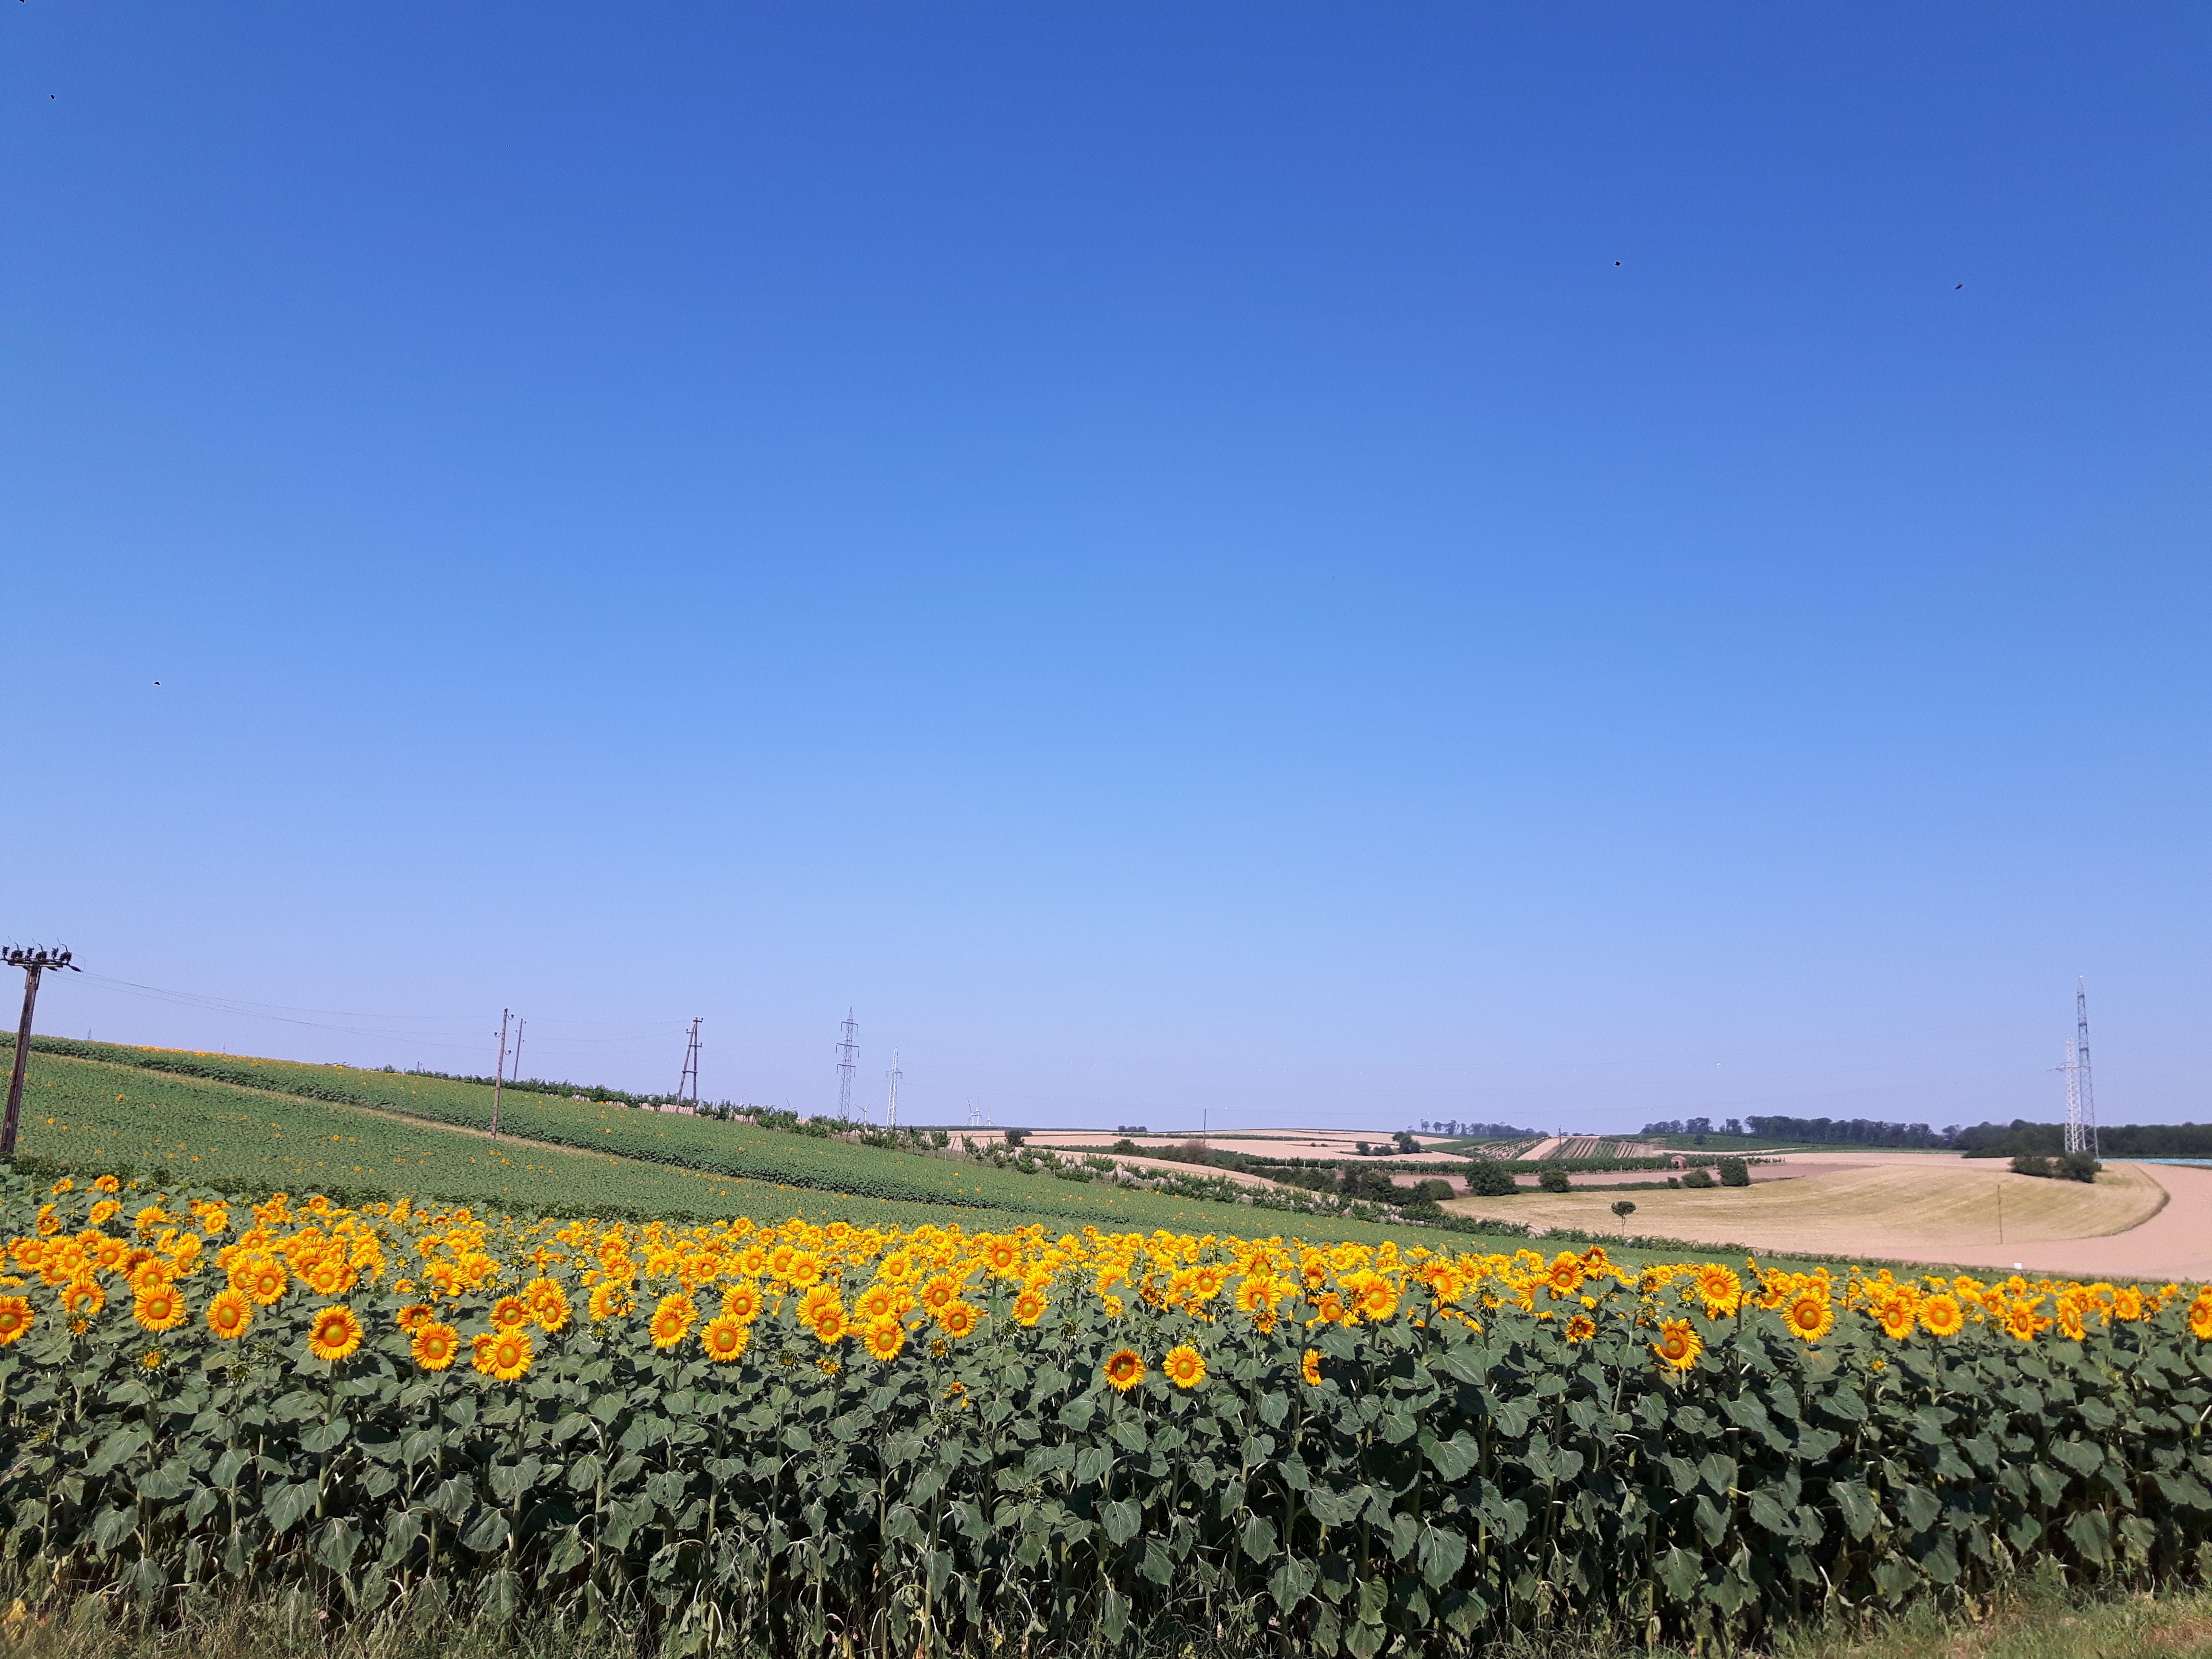 Eine Ögreissler Lieferrunde im von Sonnenblumen strahlendem Marchfeld